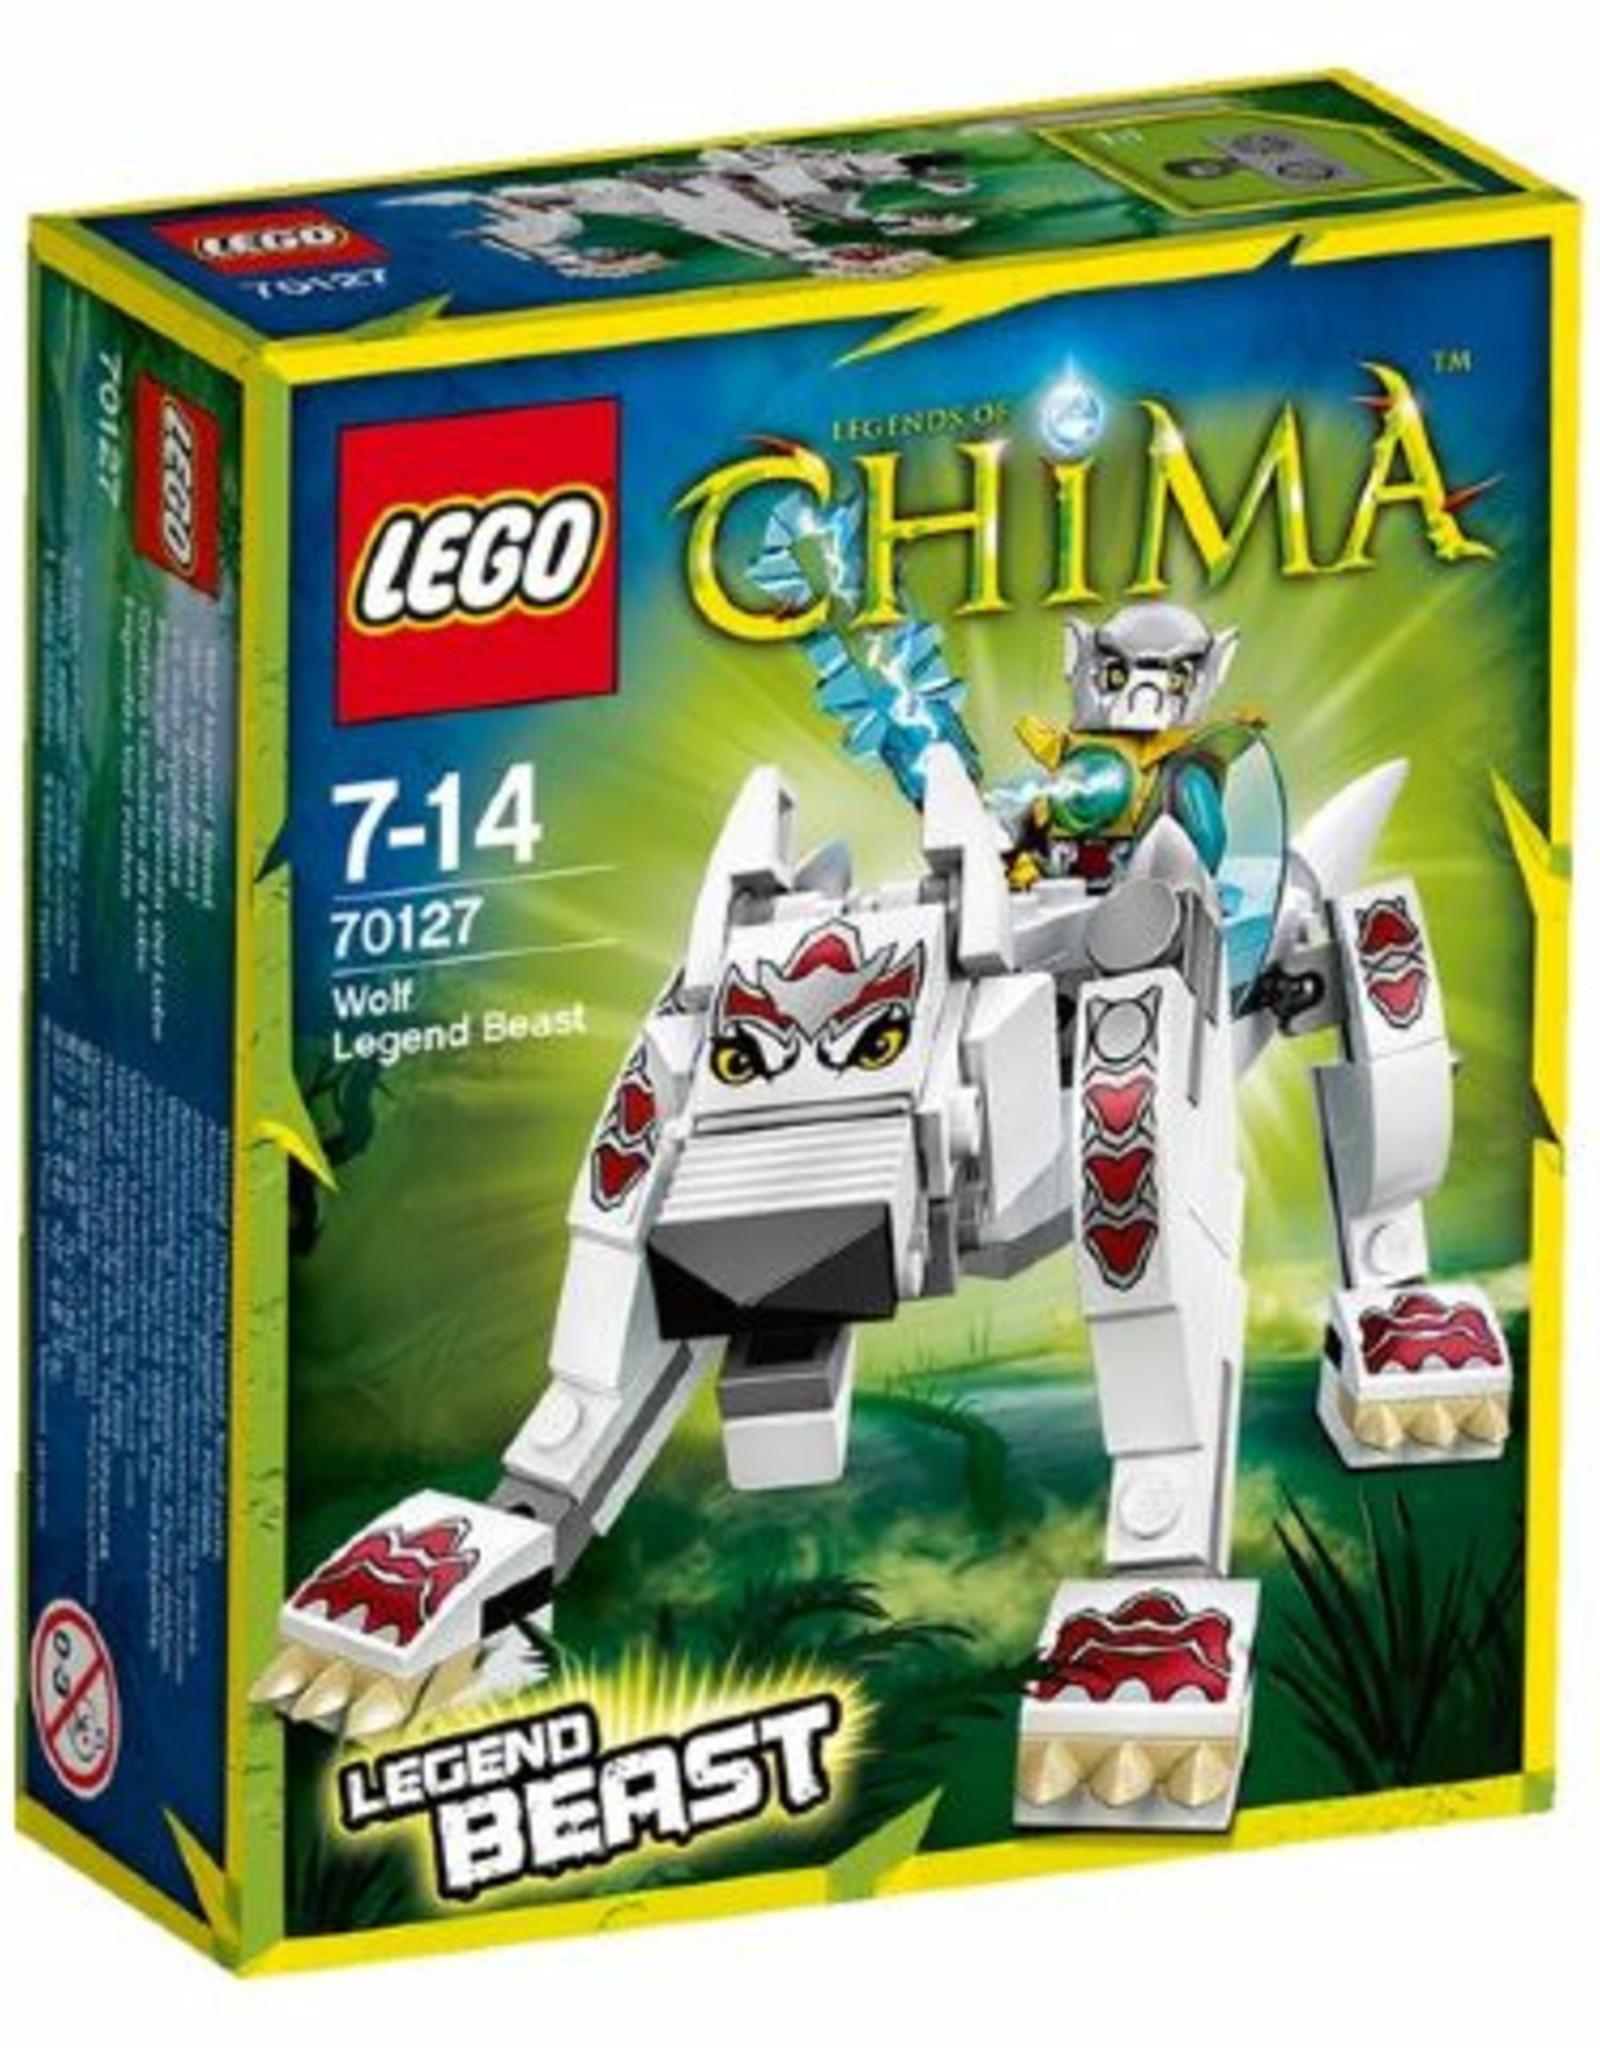 LEGO LEGO 70127 Wolf Legend Beast CHIMA